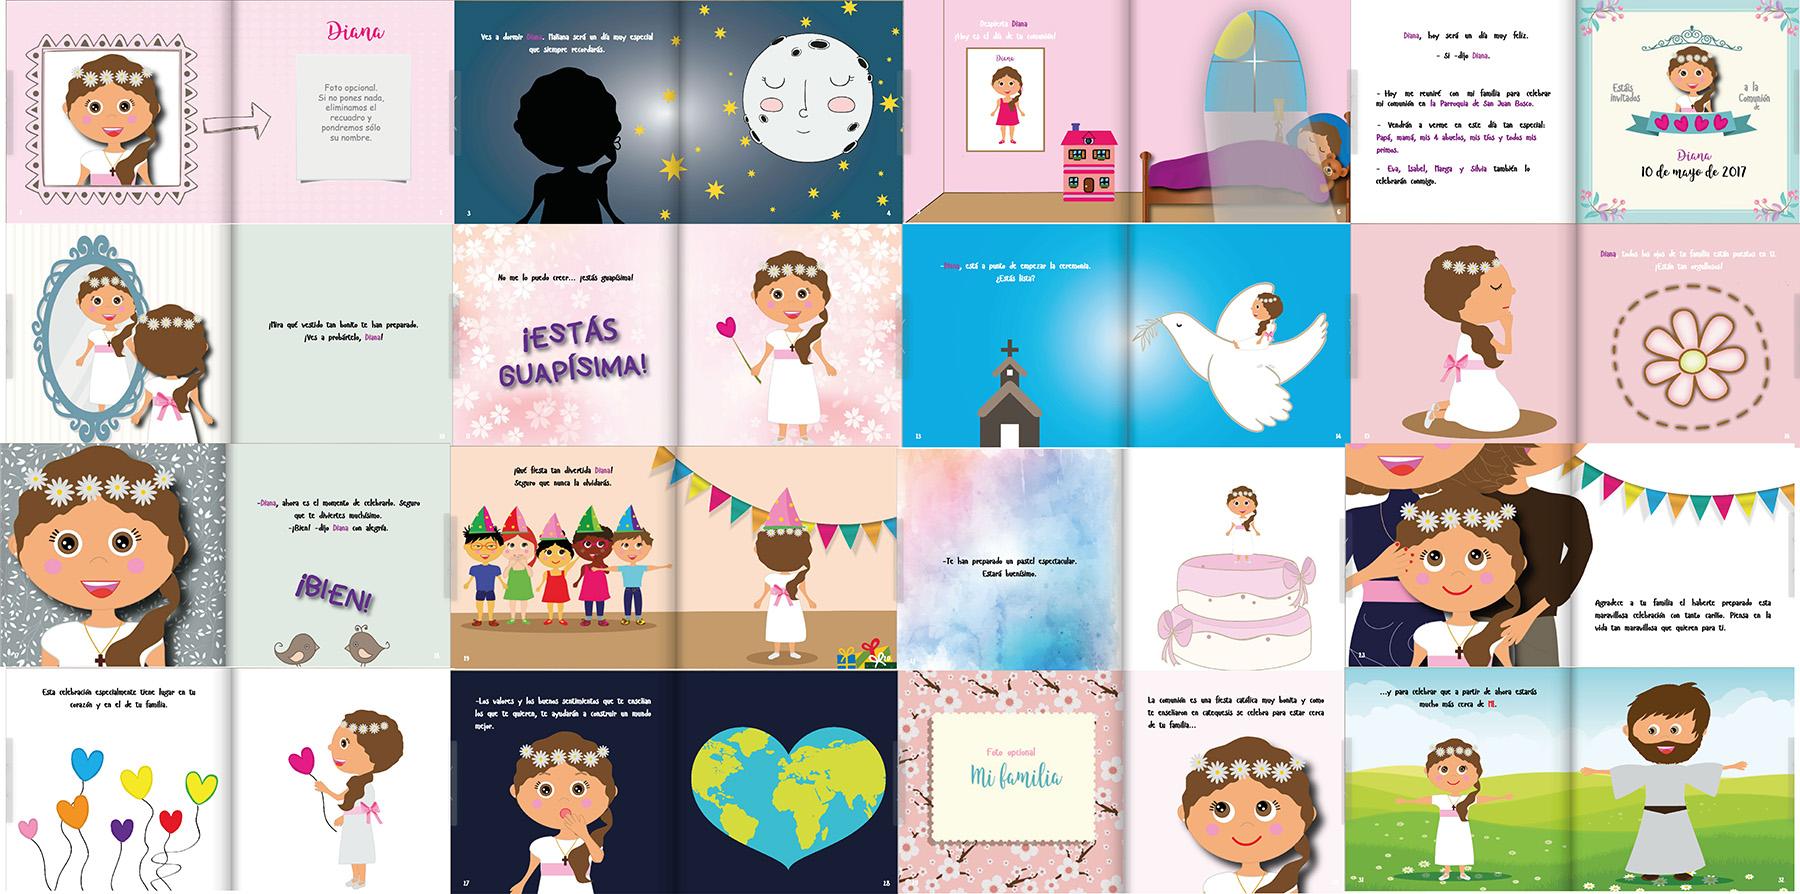 libros personalizados de primera comunión